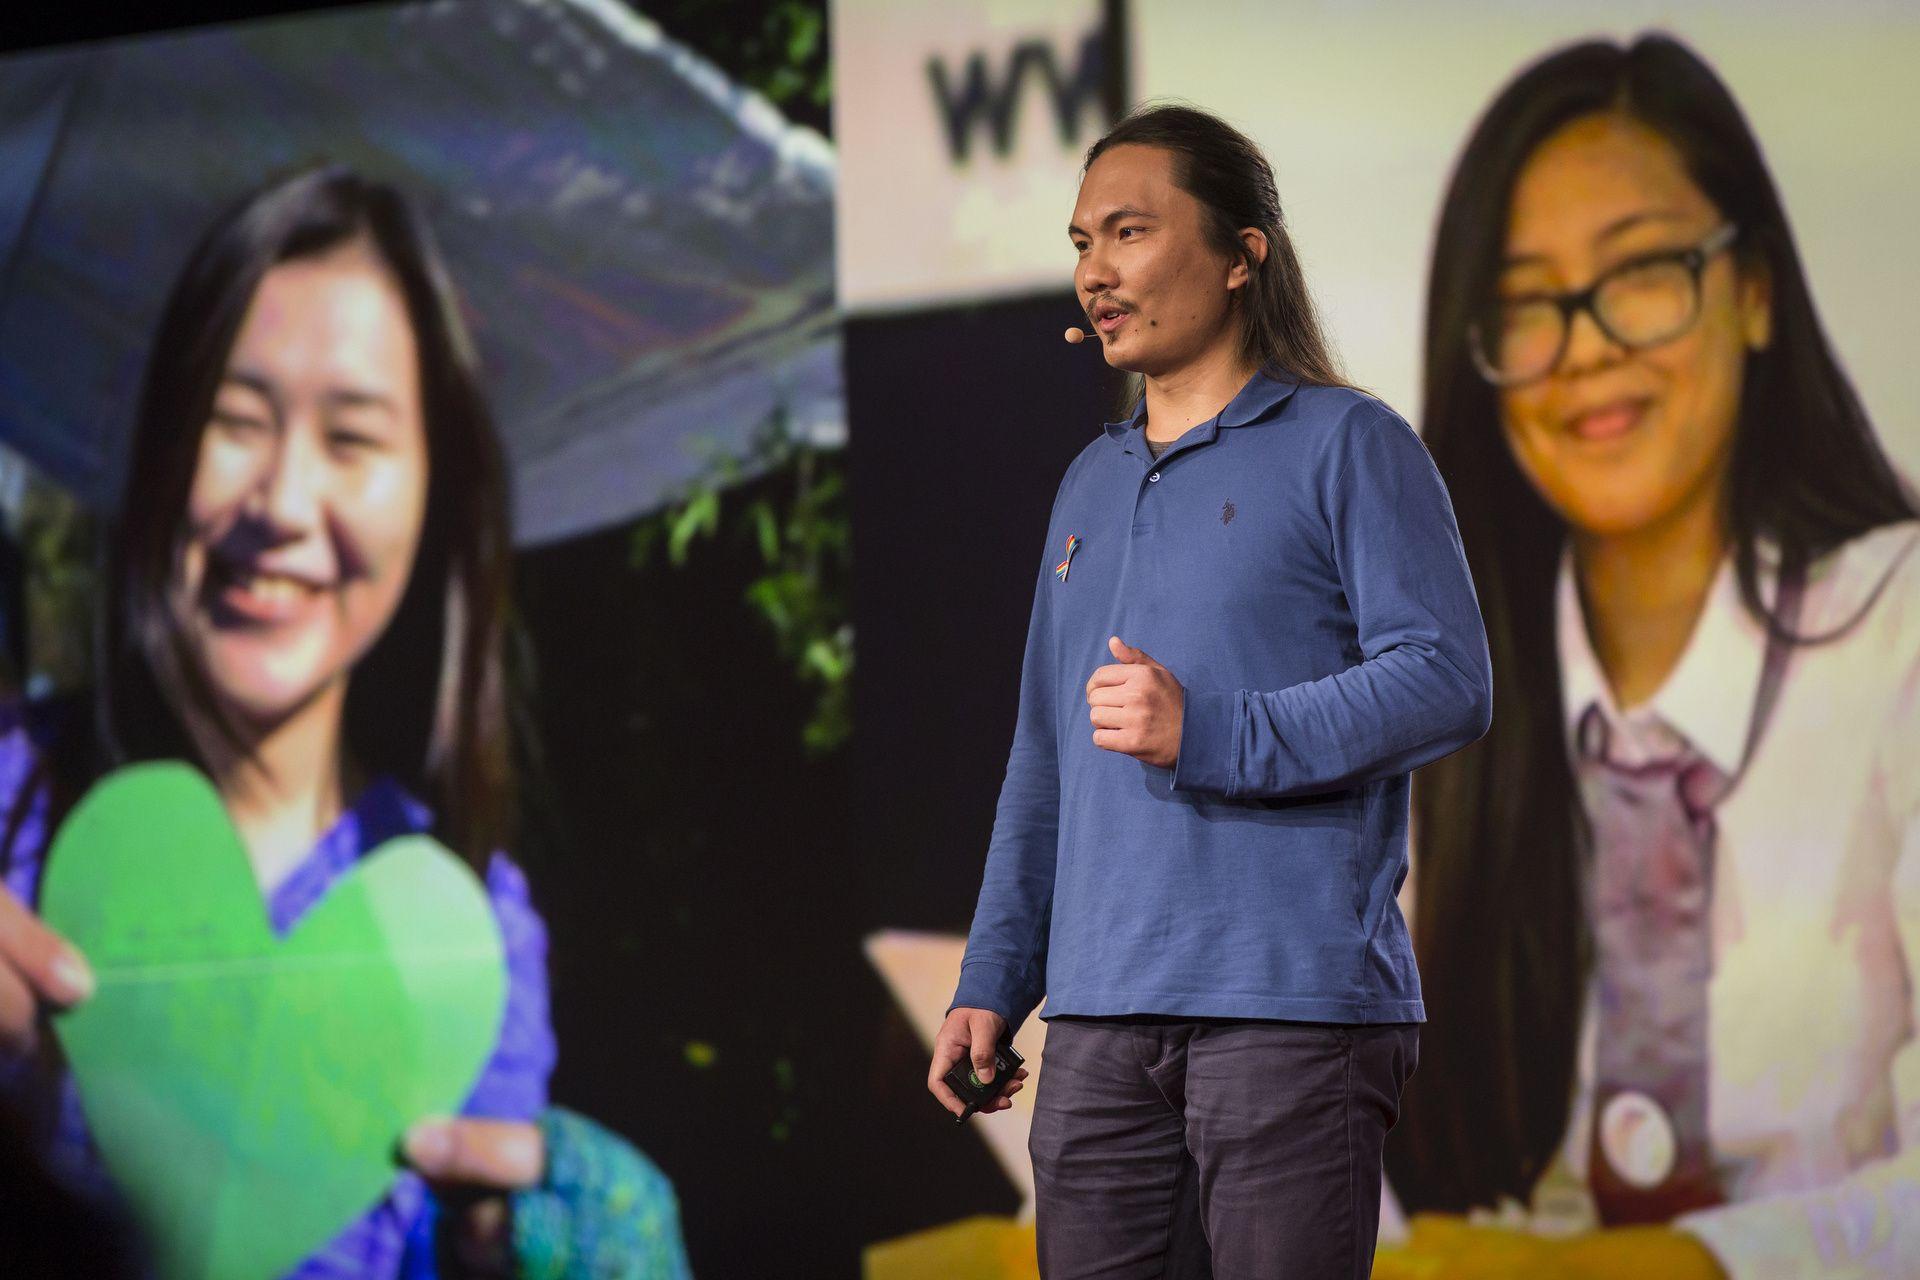 Нуржамал Джанибекова (слева) и Айзирек Алмазбекова на гигантском экране на сцене TED, в то время, когда основатель портала Kloop.kg Бектур Искендер рассказывает о них. Фото: Райан Лэш / TED